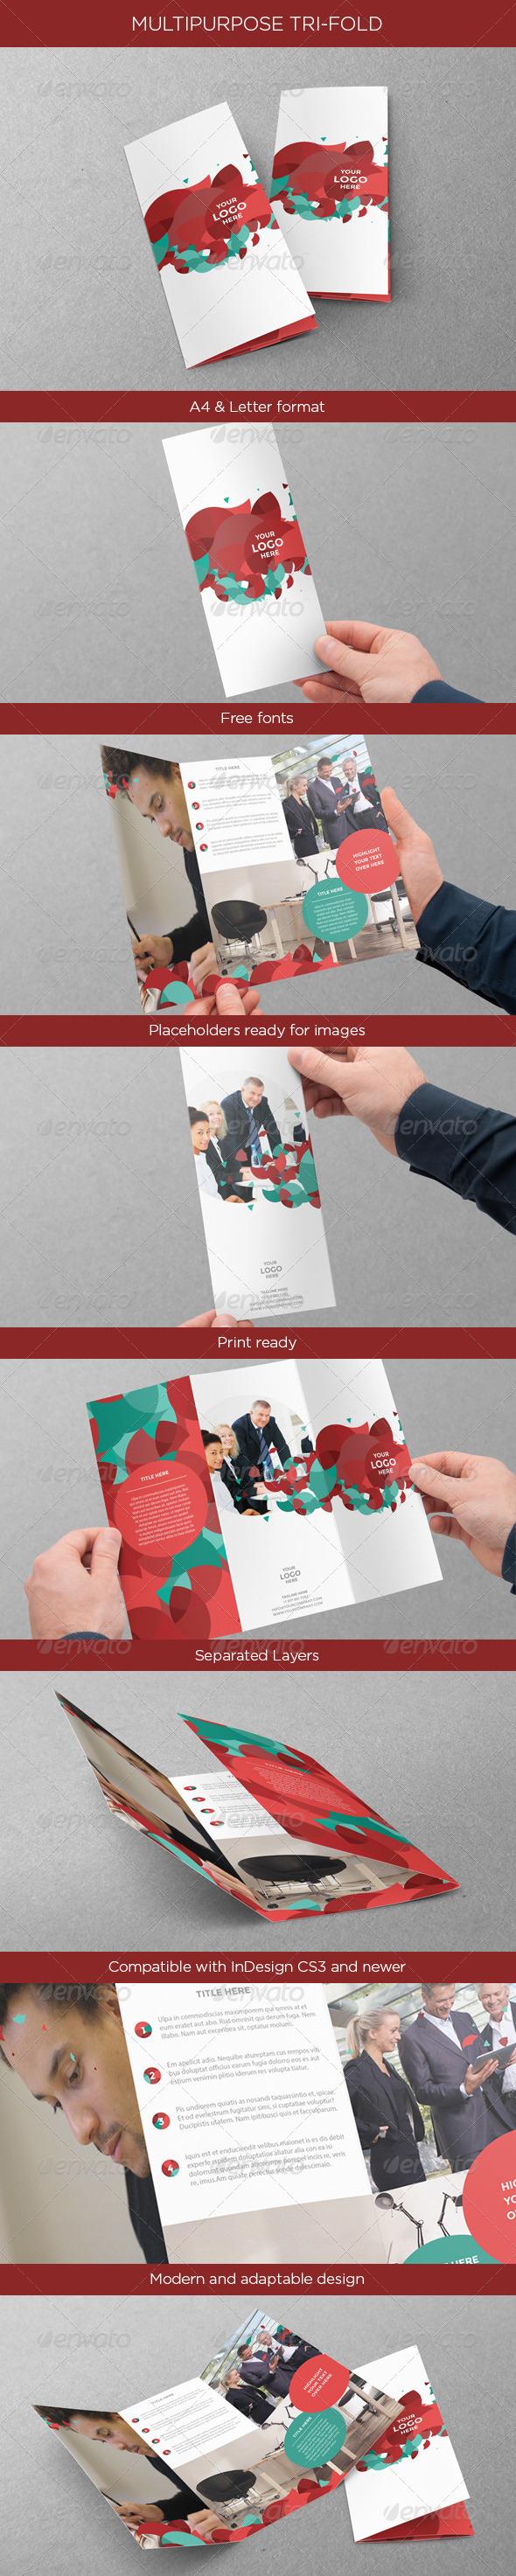 GraphicRiver Multipurpose Tri-fold 4580340